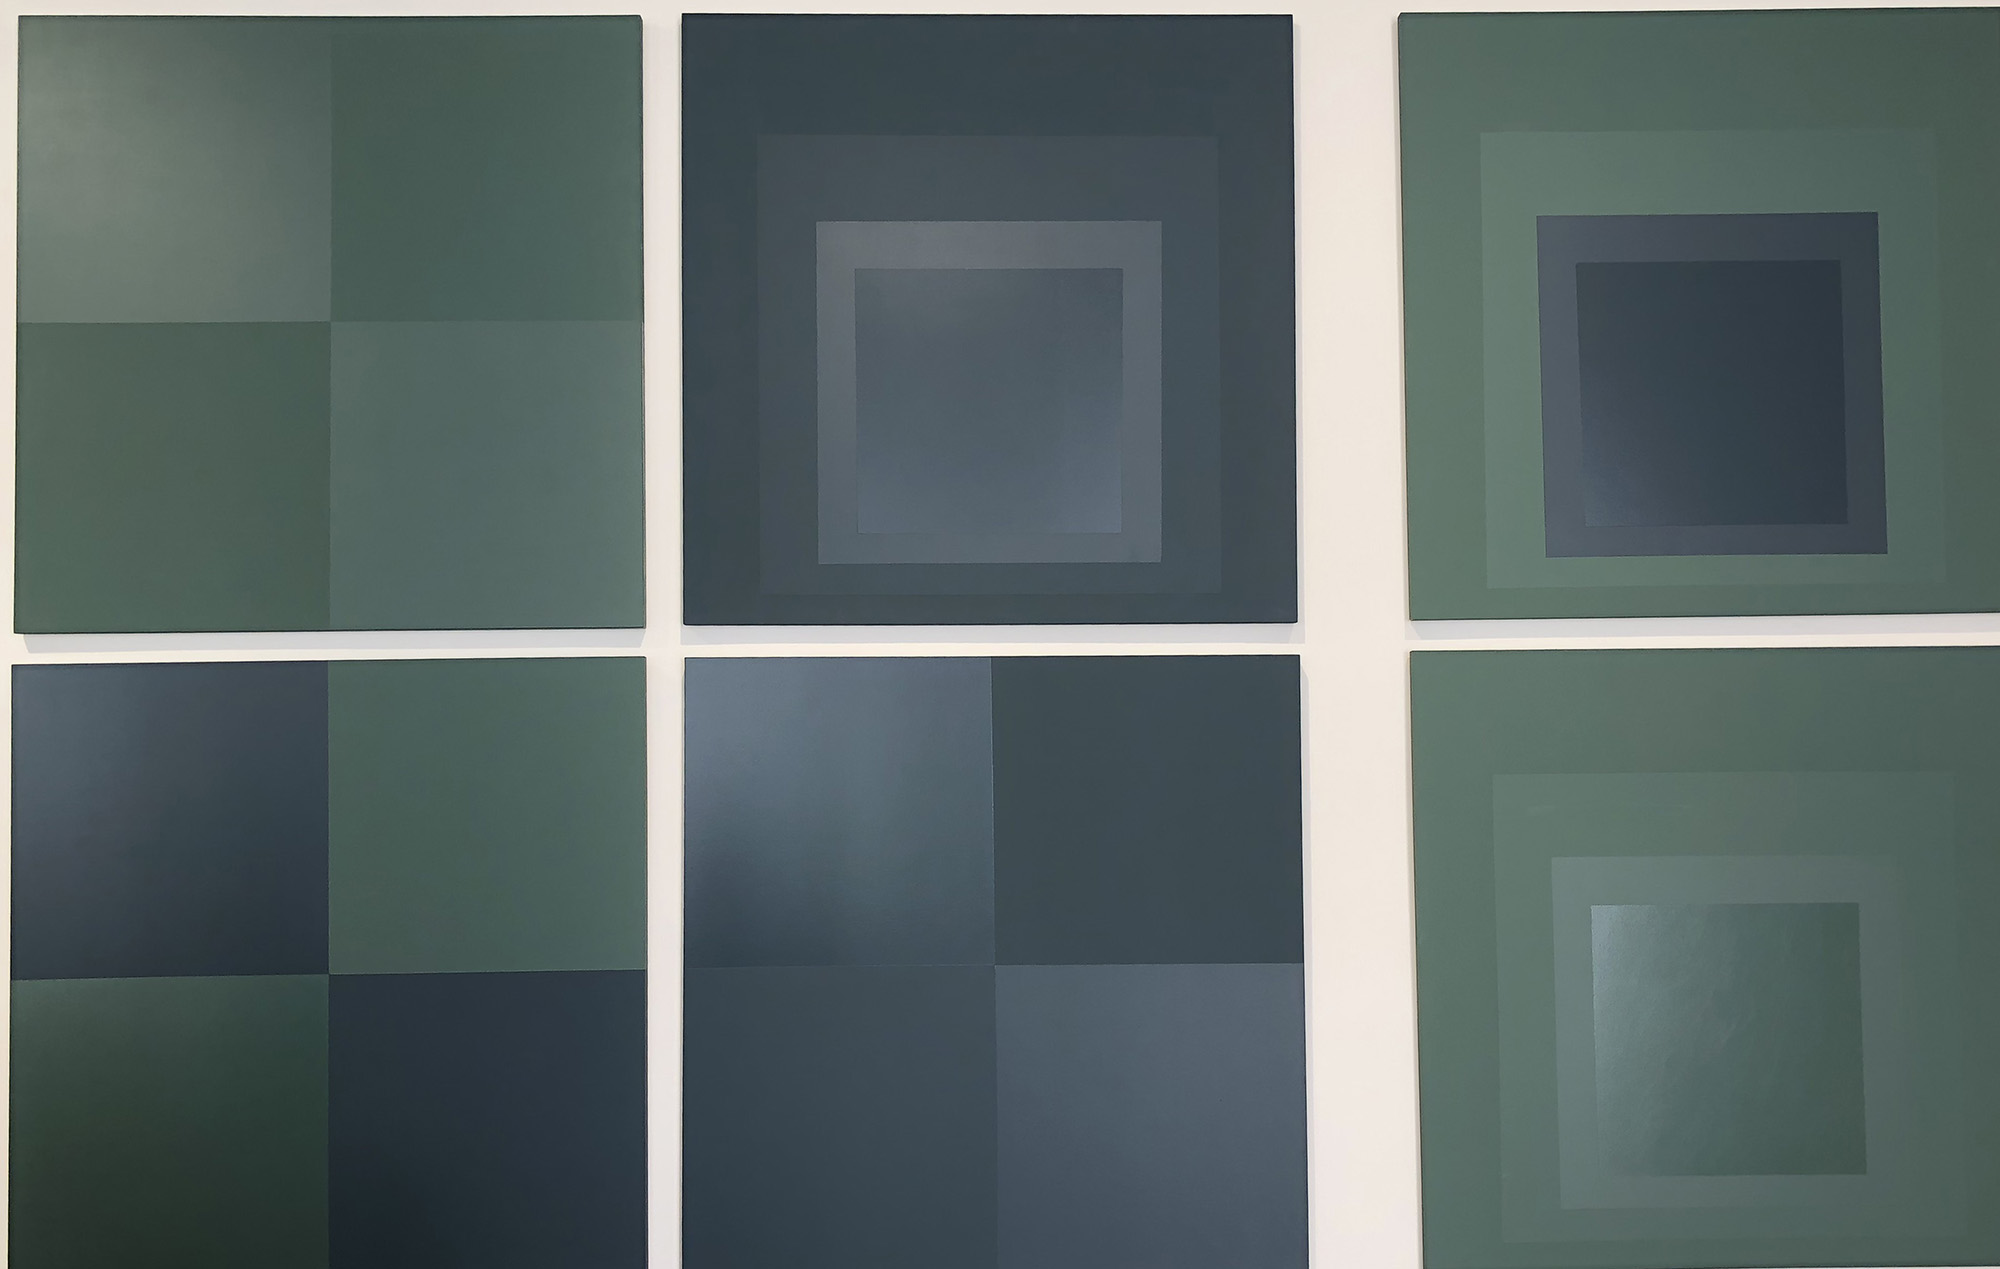 des toiles de couelurs vertee et bleue exposées comme dans une galerie d'artiste